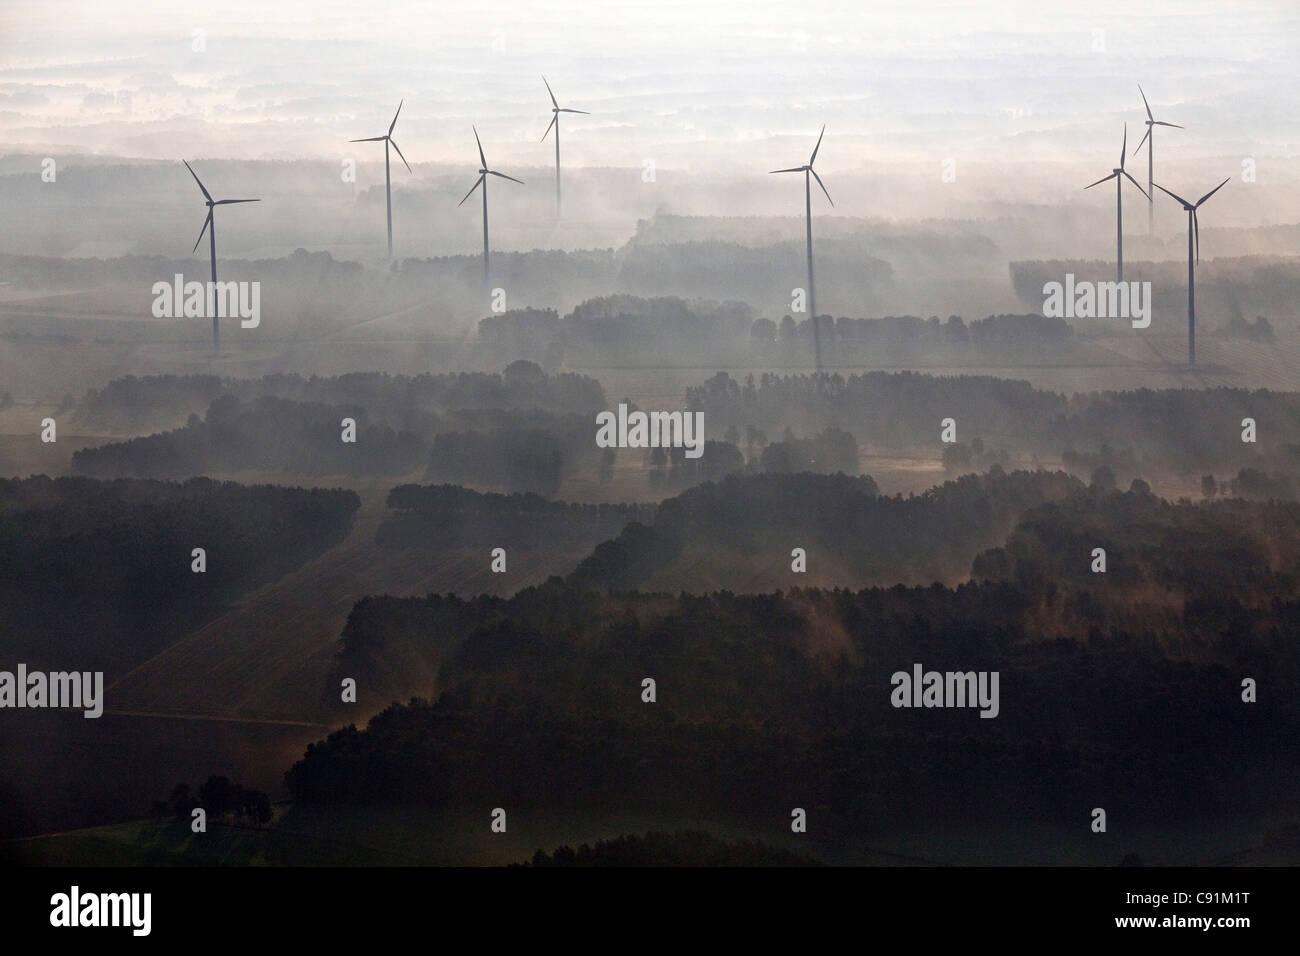 Luftaufnahme eines Windparks in den frühen Morgennebel, Niedersachsen, Norddeutschland Stockbild